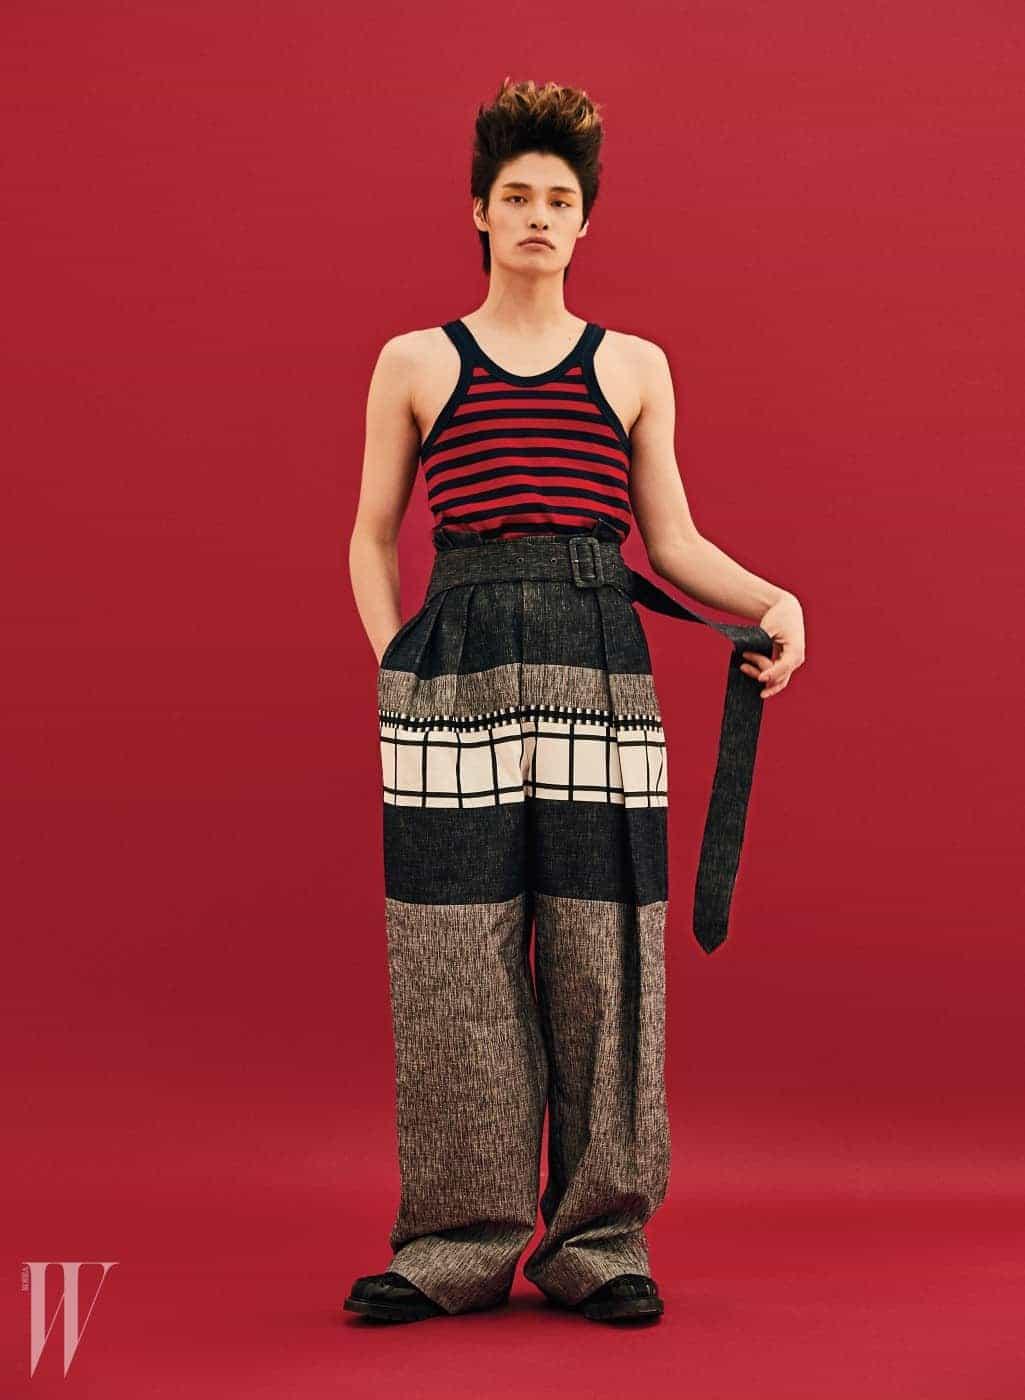 줄무늬 슬리브리스 톱은 구찌 제품. 44만원. 통 넓은 하이웨이스트 팬츠는 우영미 제품. 가격 미정. 워커는 디올 제품. 가격 미정.